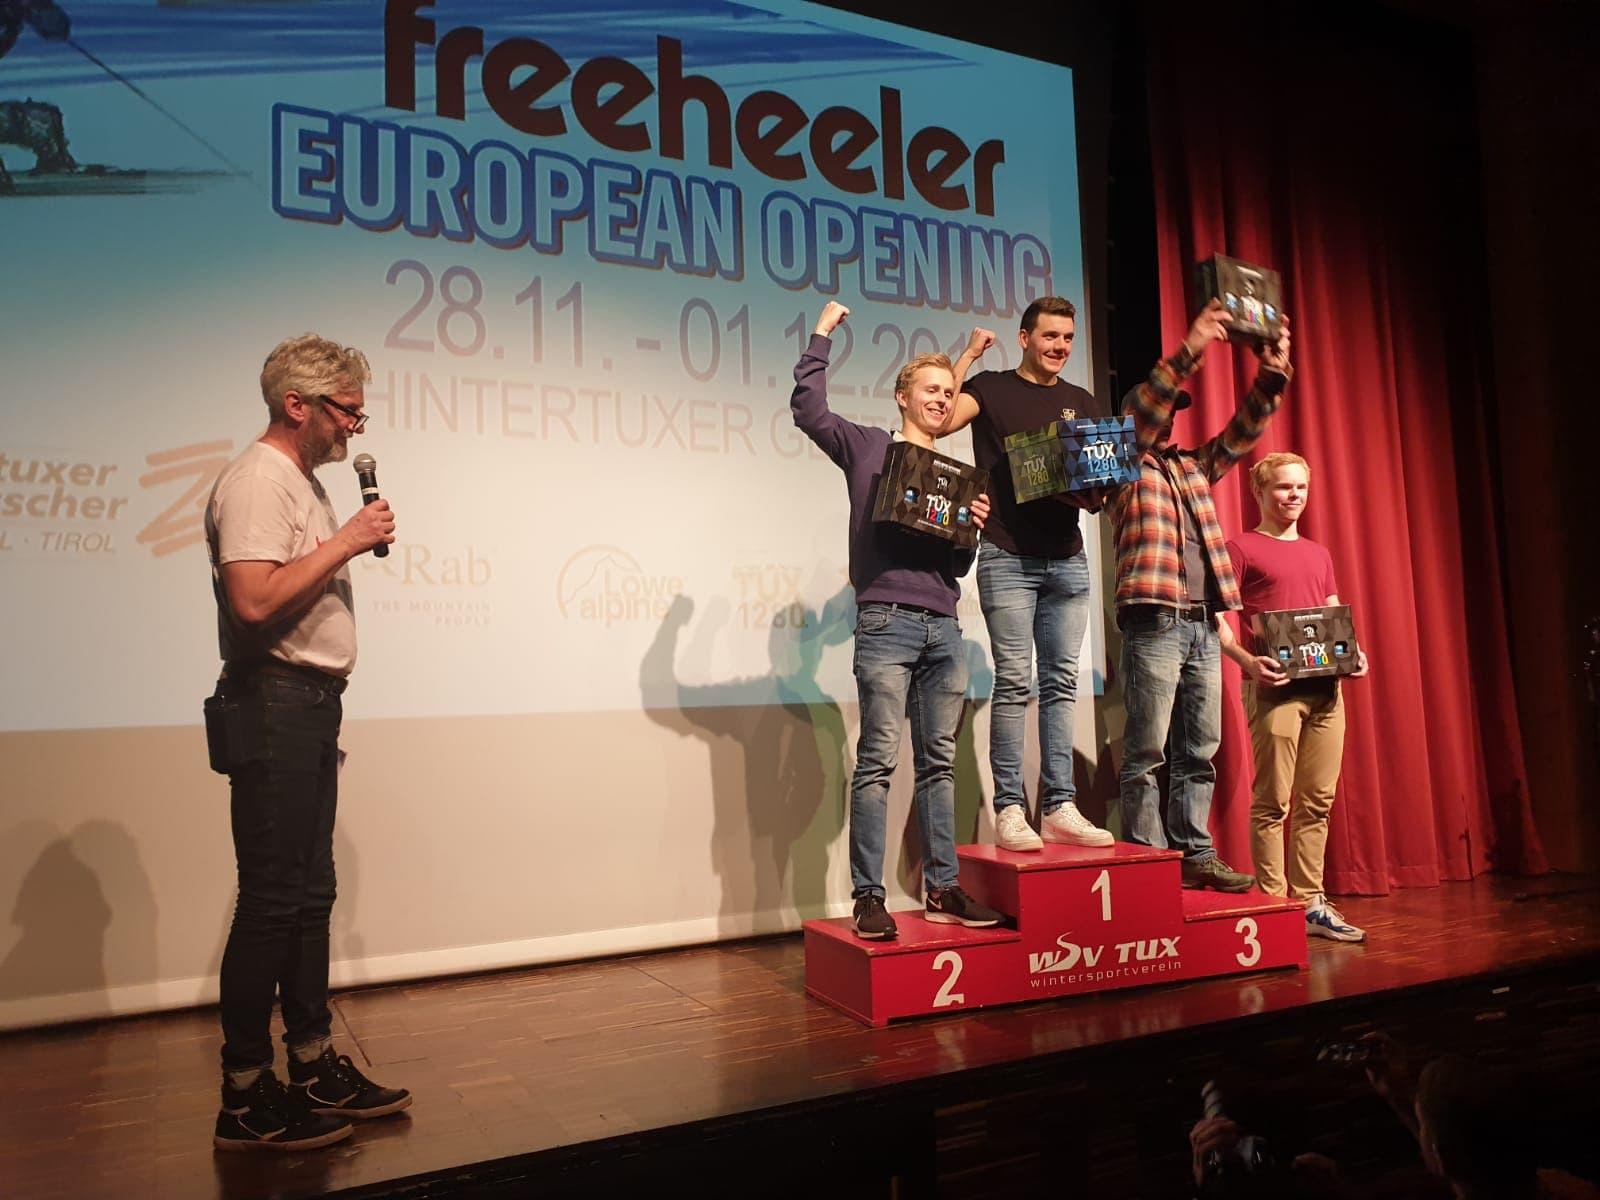 (c) Freeheeler European Opening Tag Zwei